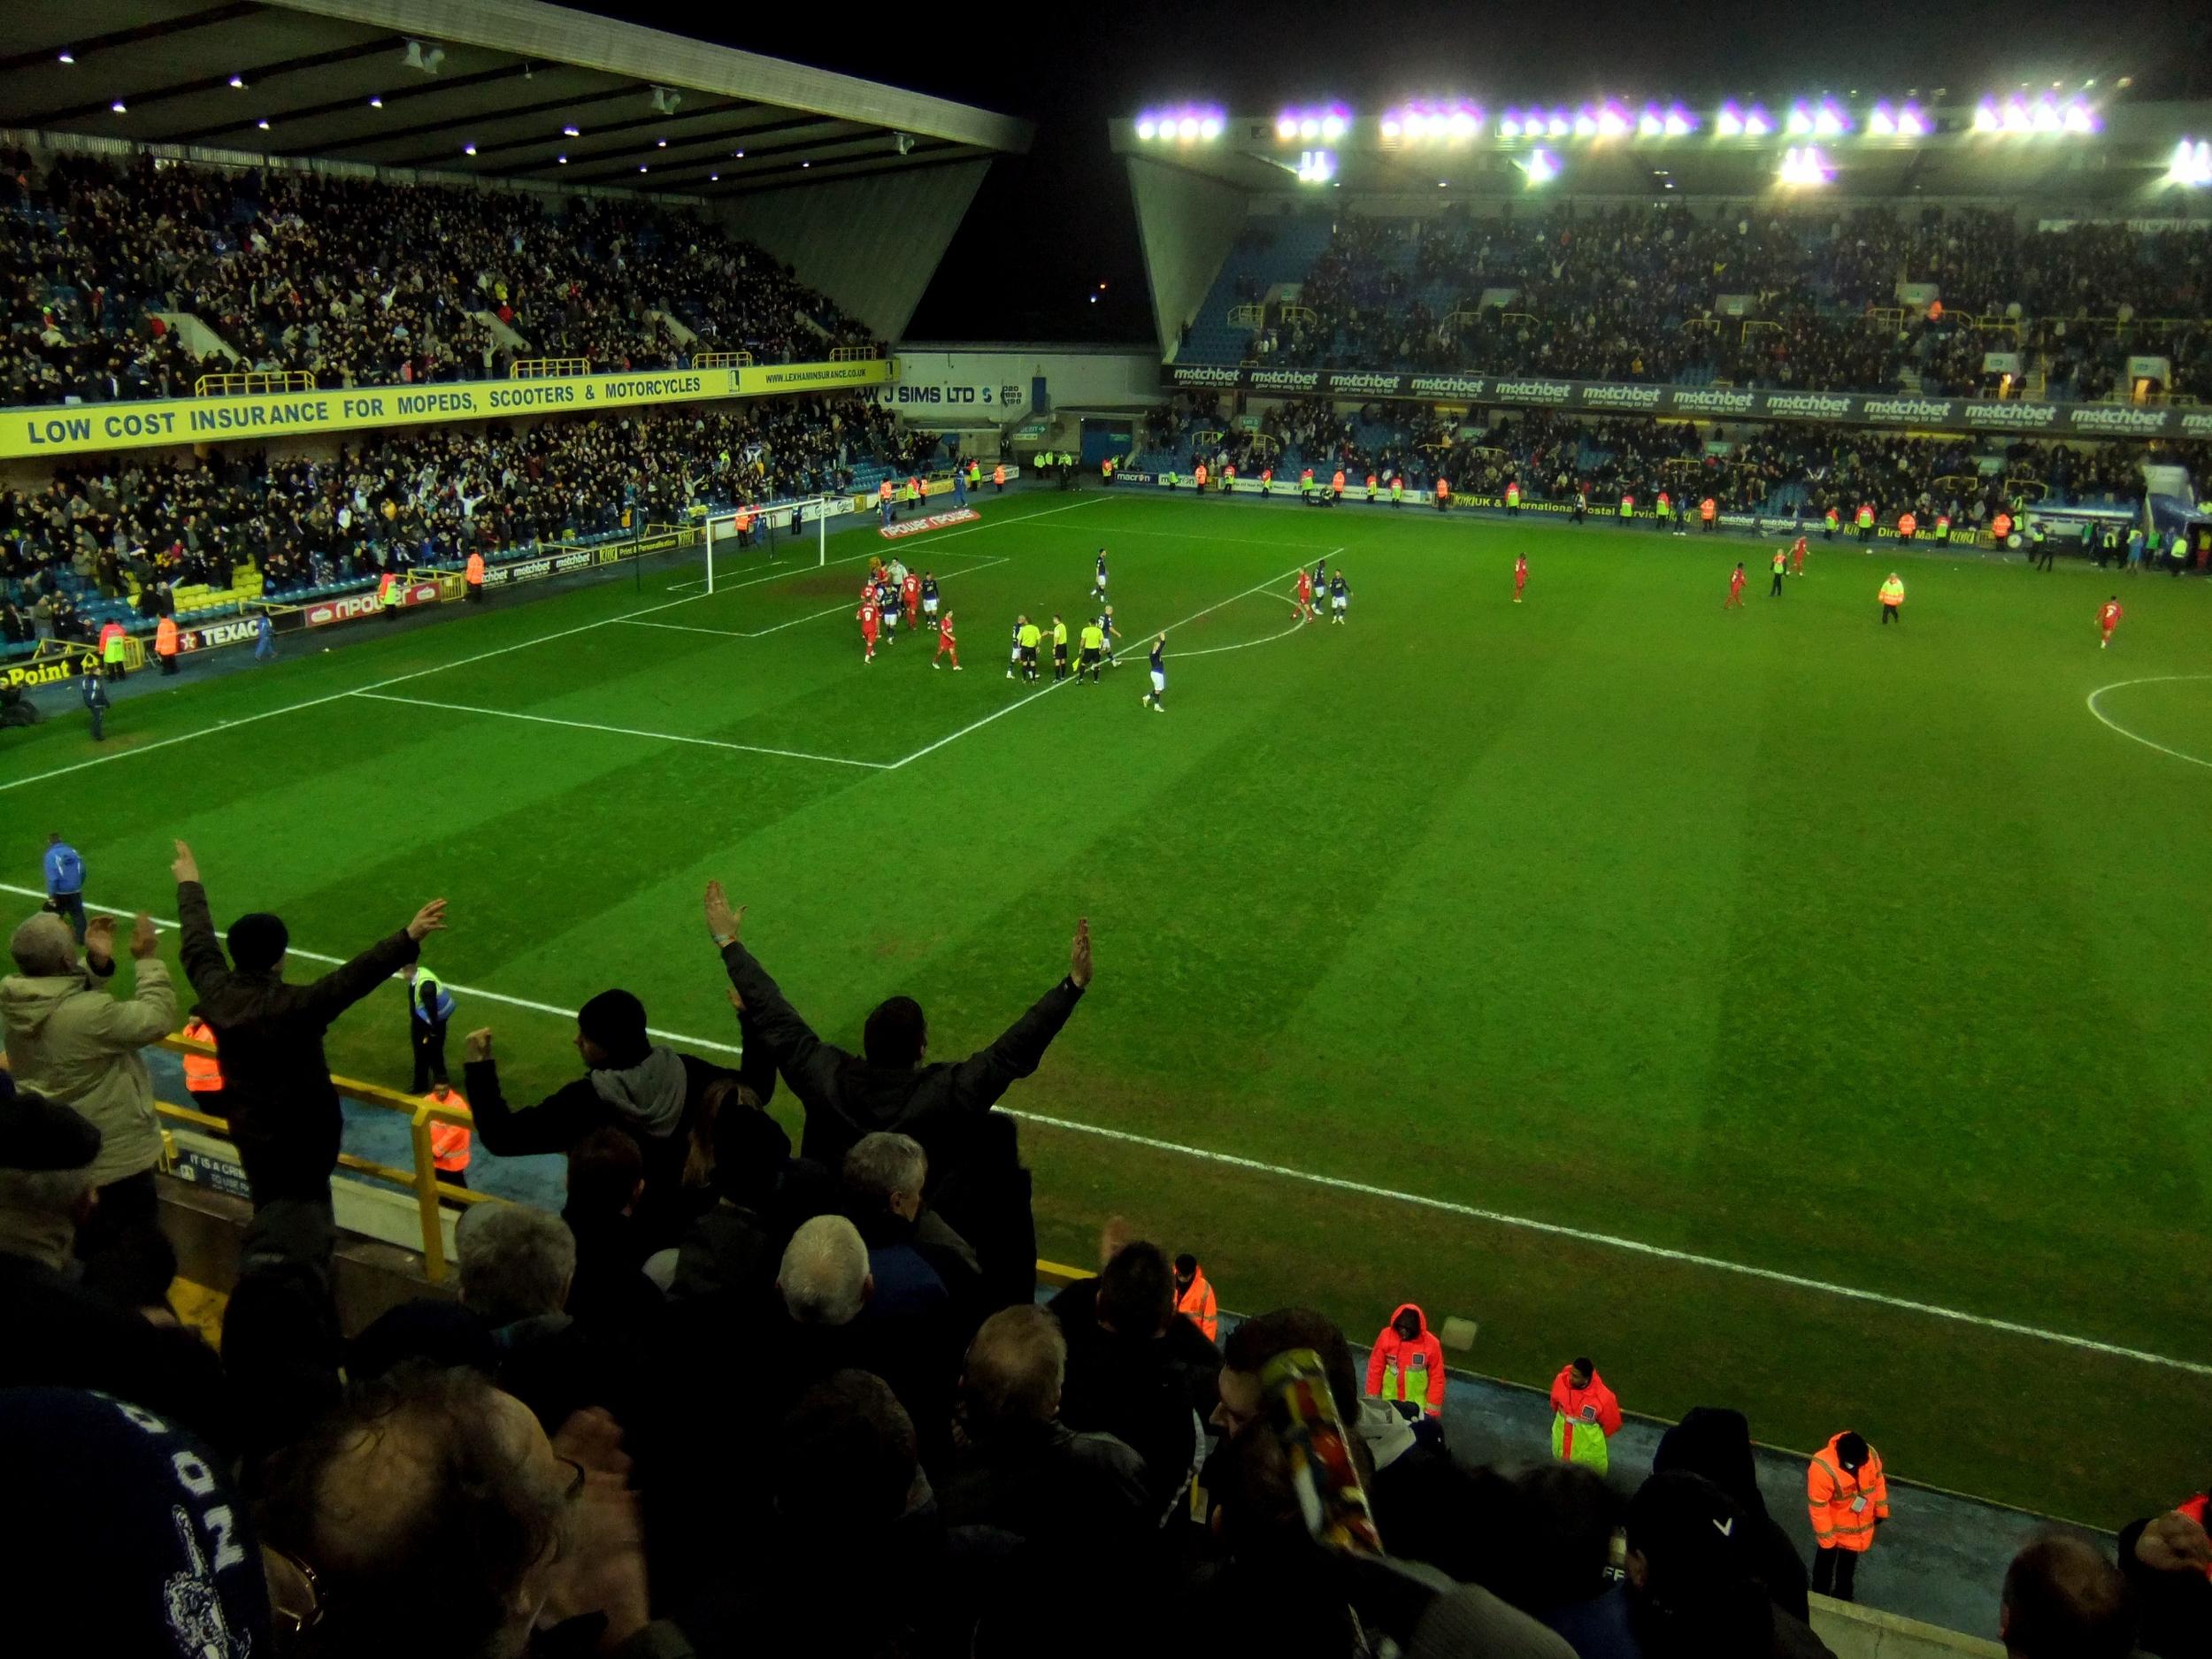 Cockney slang og fodbold i en skøn forening.Photo Credit: J Mark Dodds / FLICKR /   CC BY-NC-ND 2.0 -